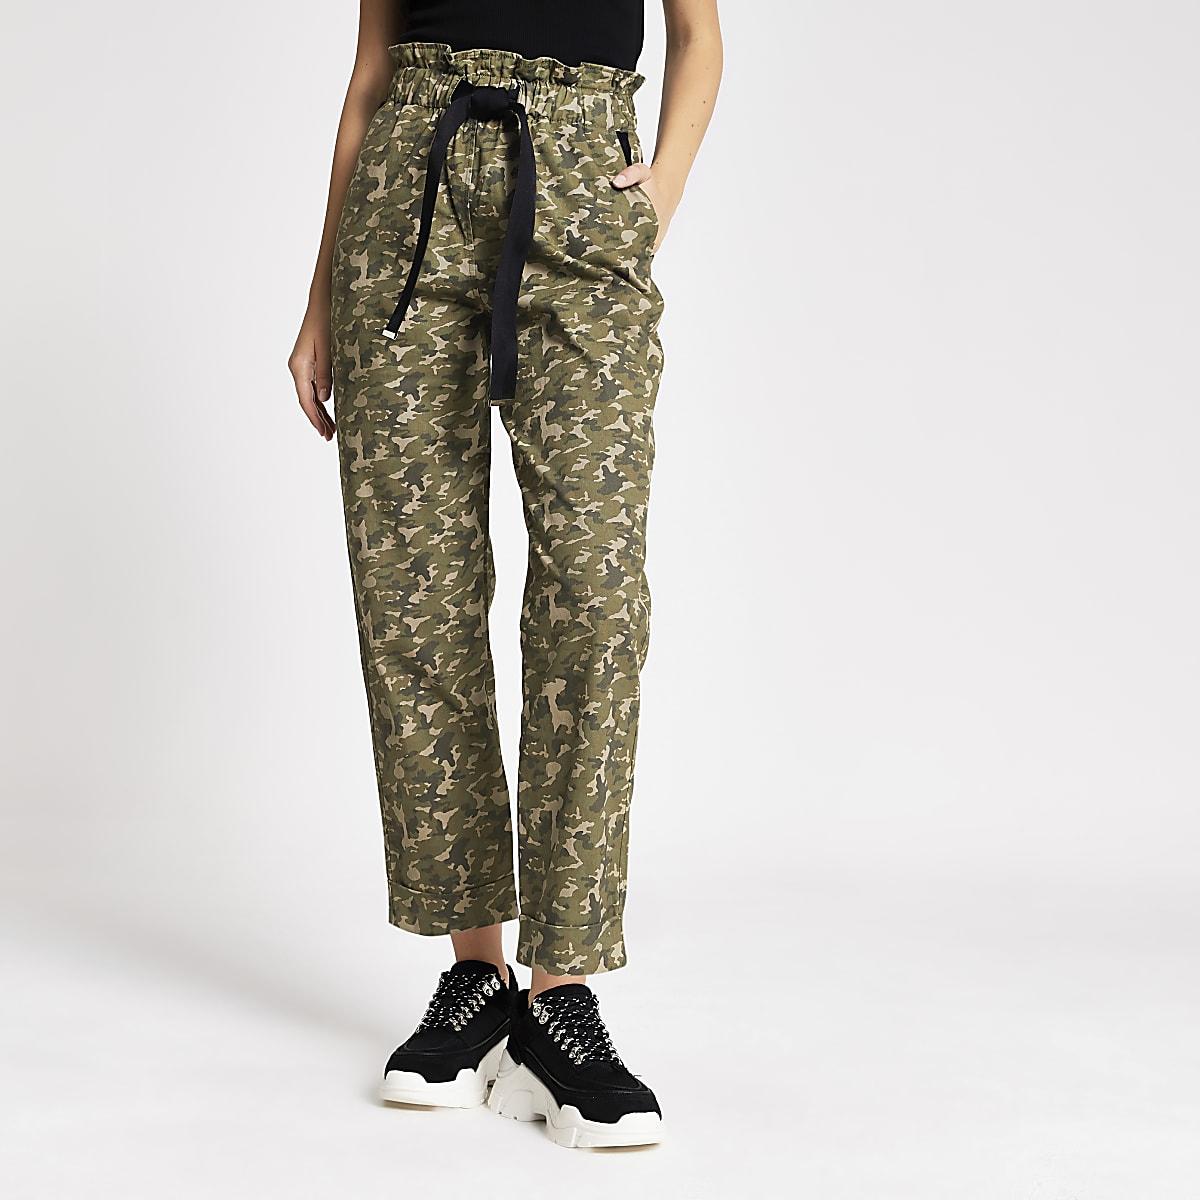 Pantalon camouflage kaki fonctionnel à taille haute ceinturée